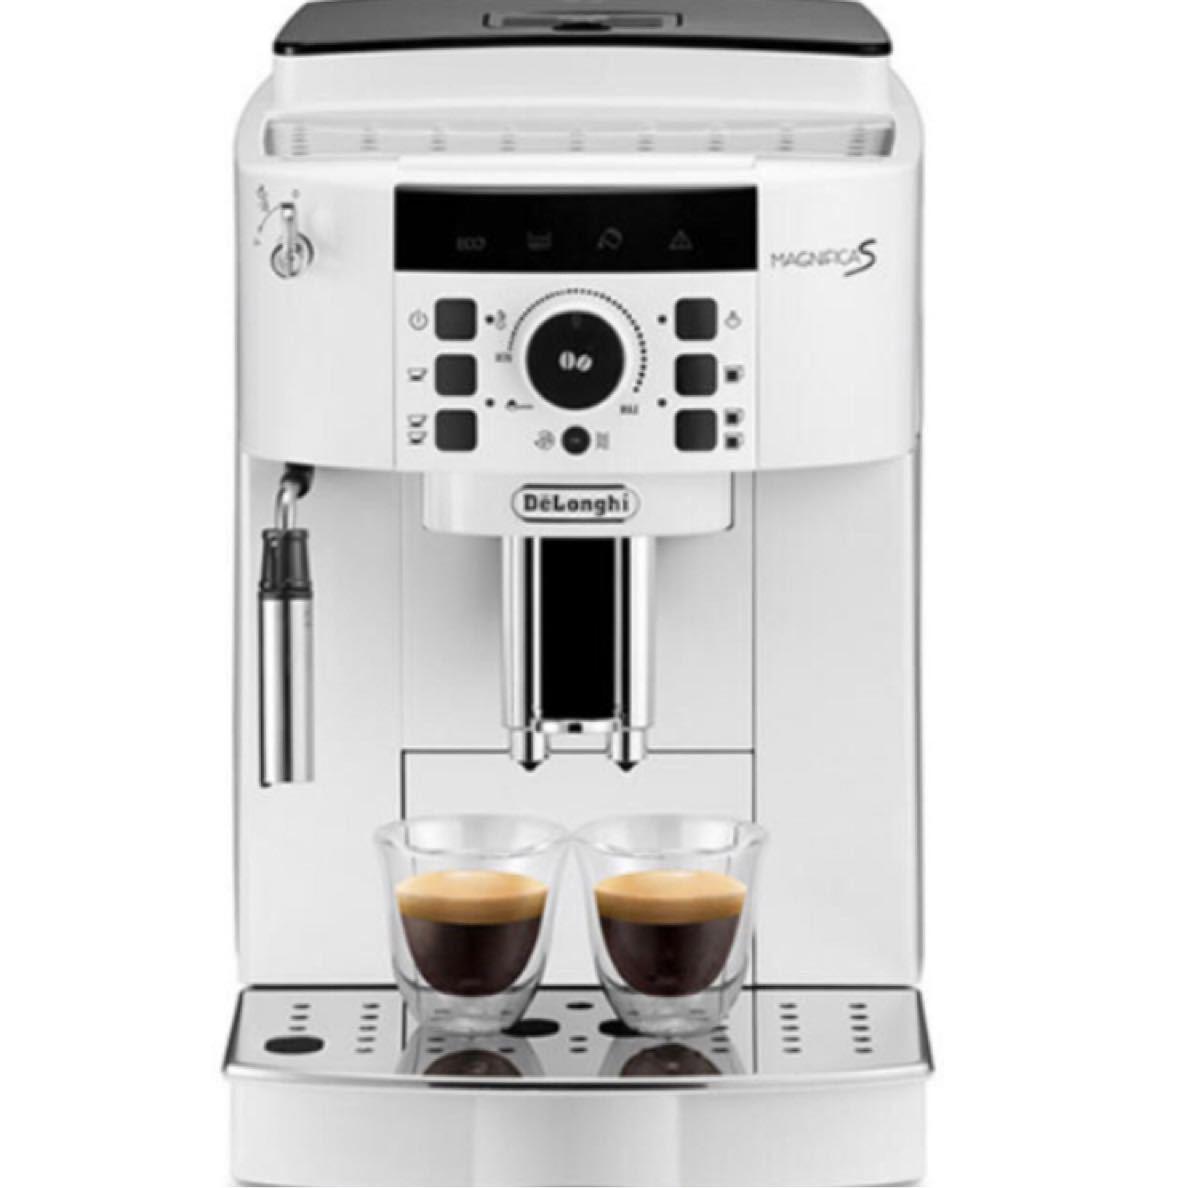 デロンギマグニフィカS 全自動コーヒーメーカー 新品未開封